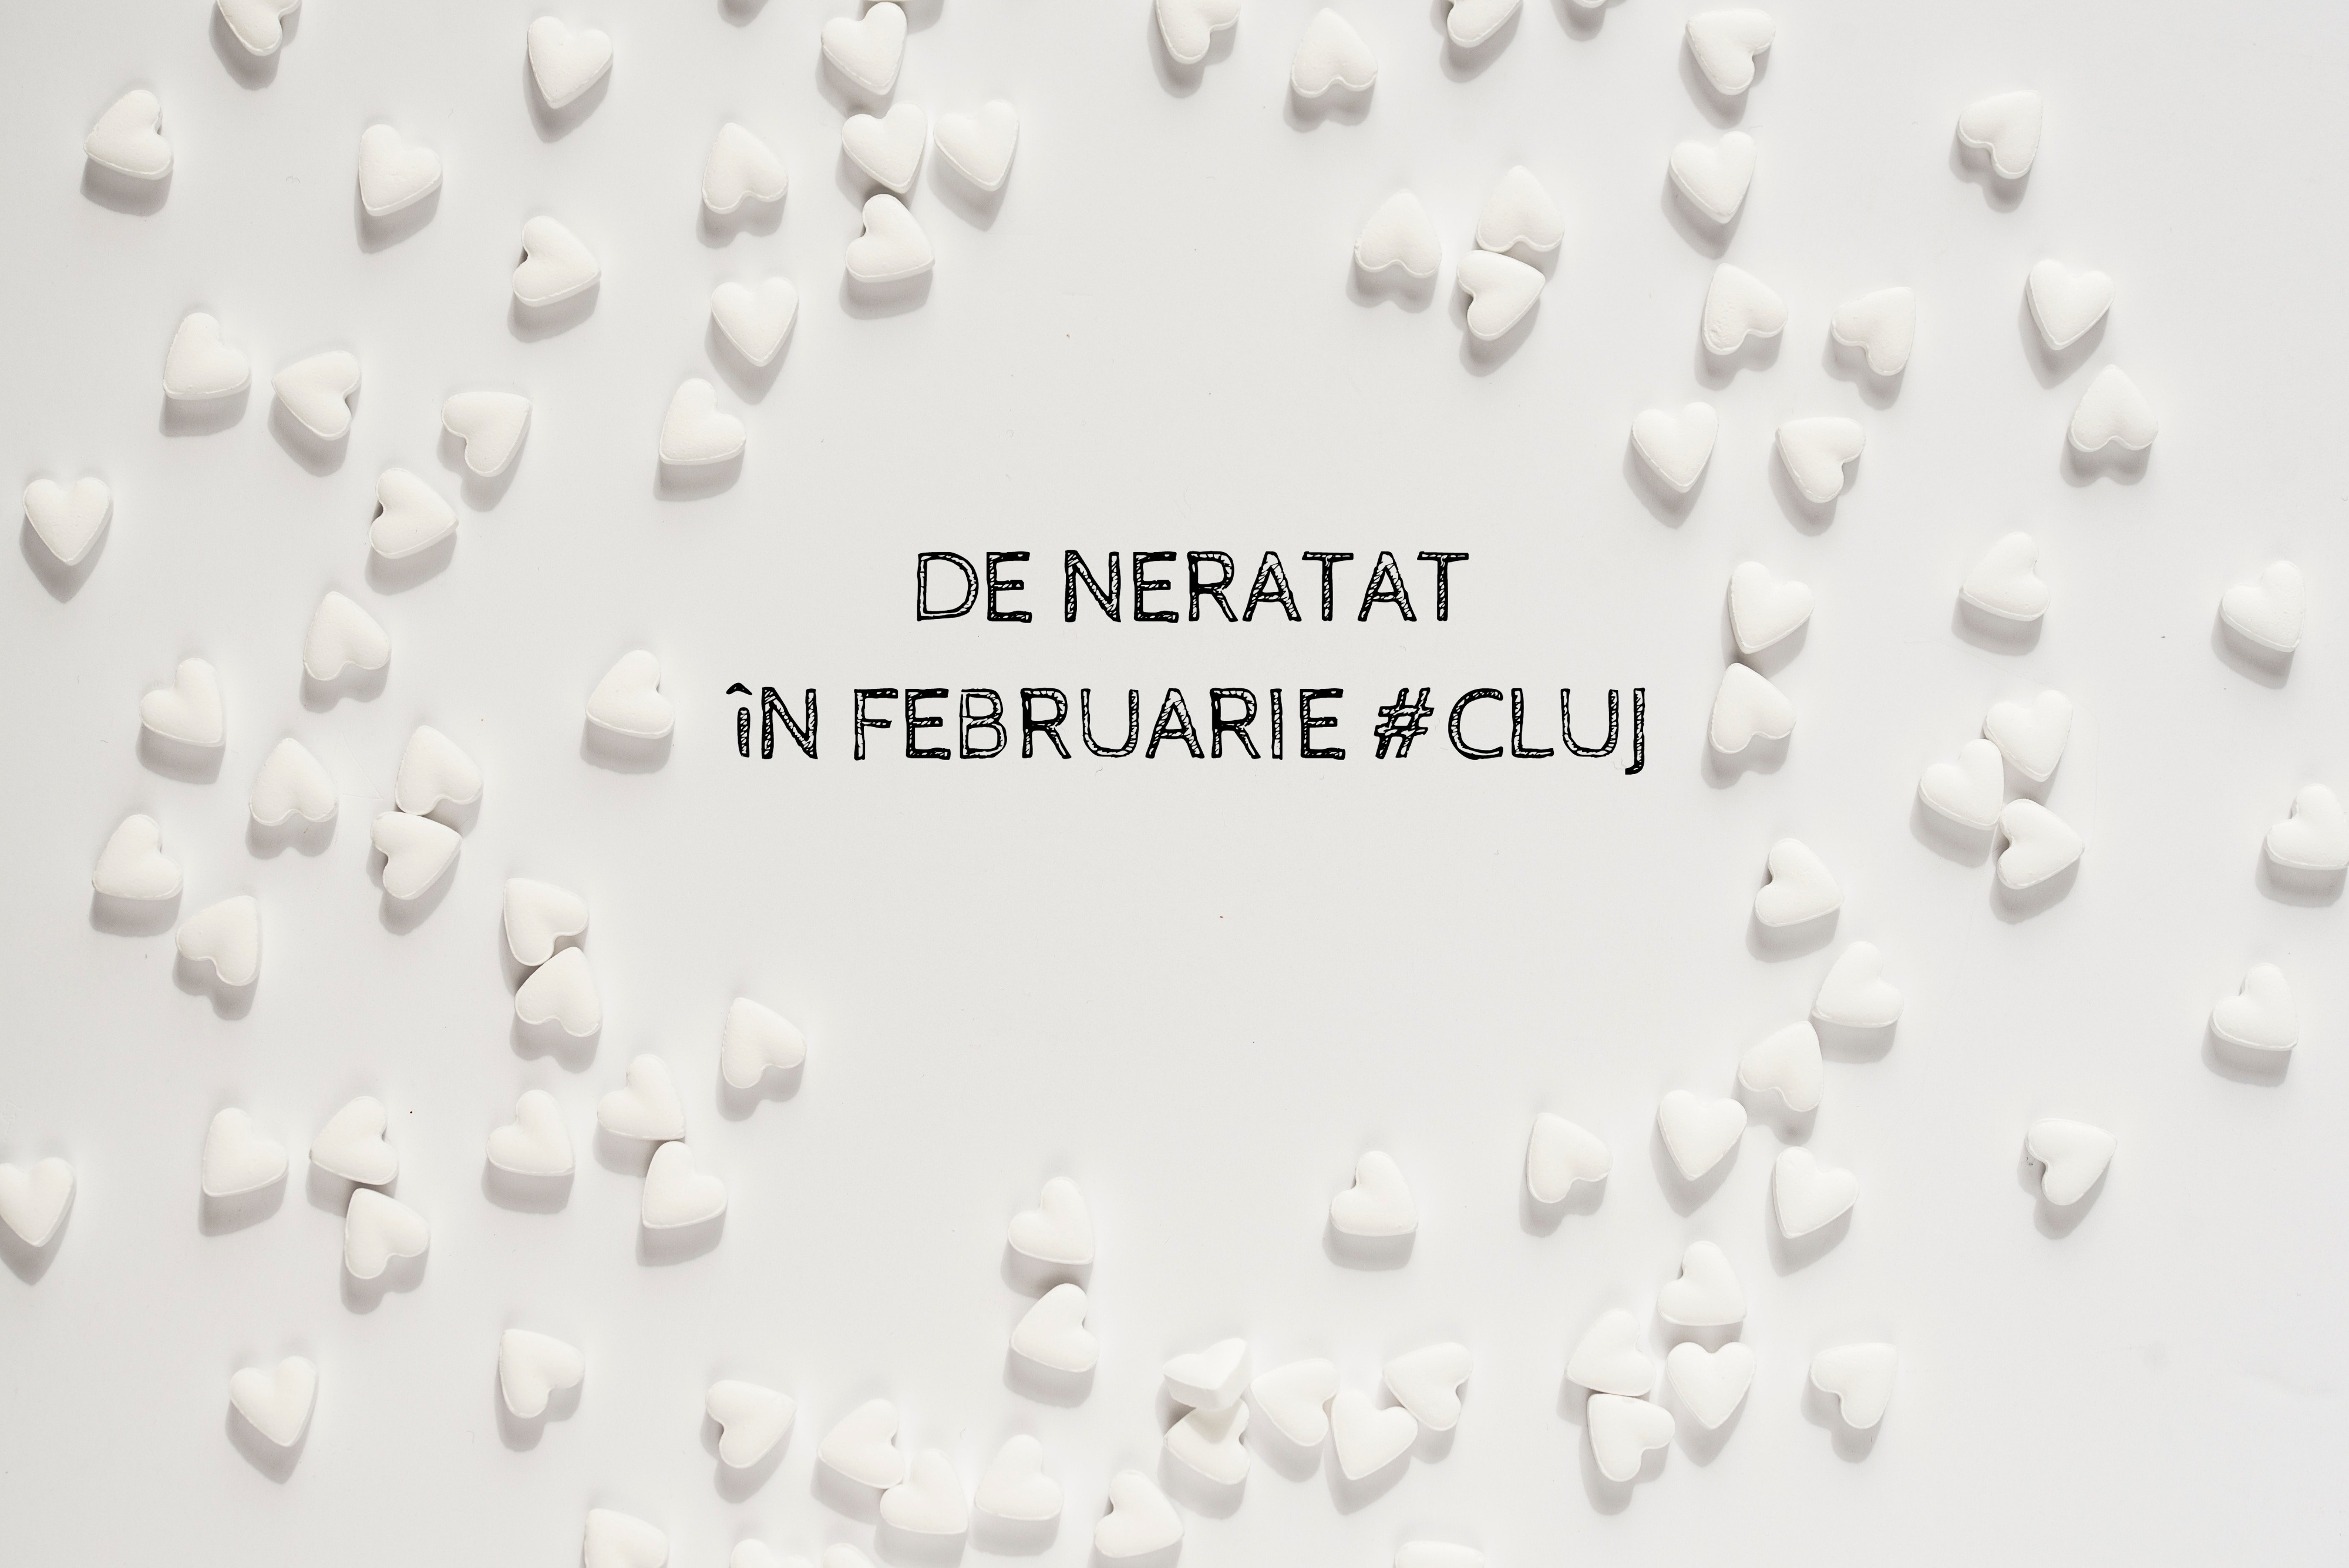 11 evenimente de neratat în februarie la Cluj